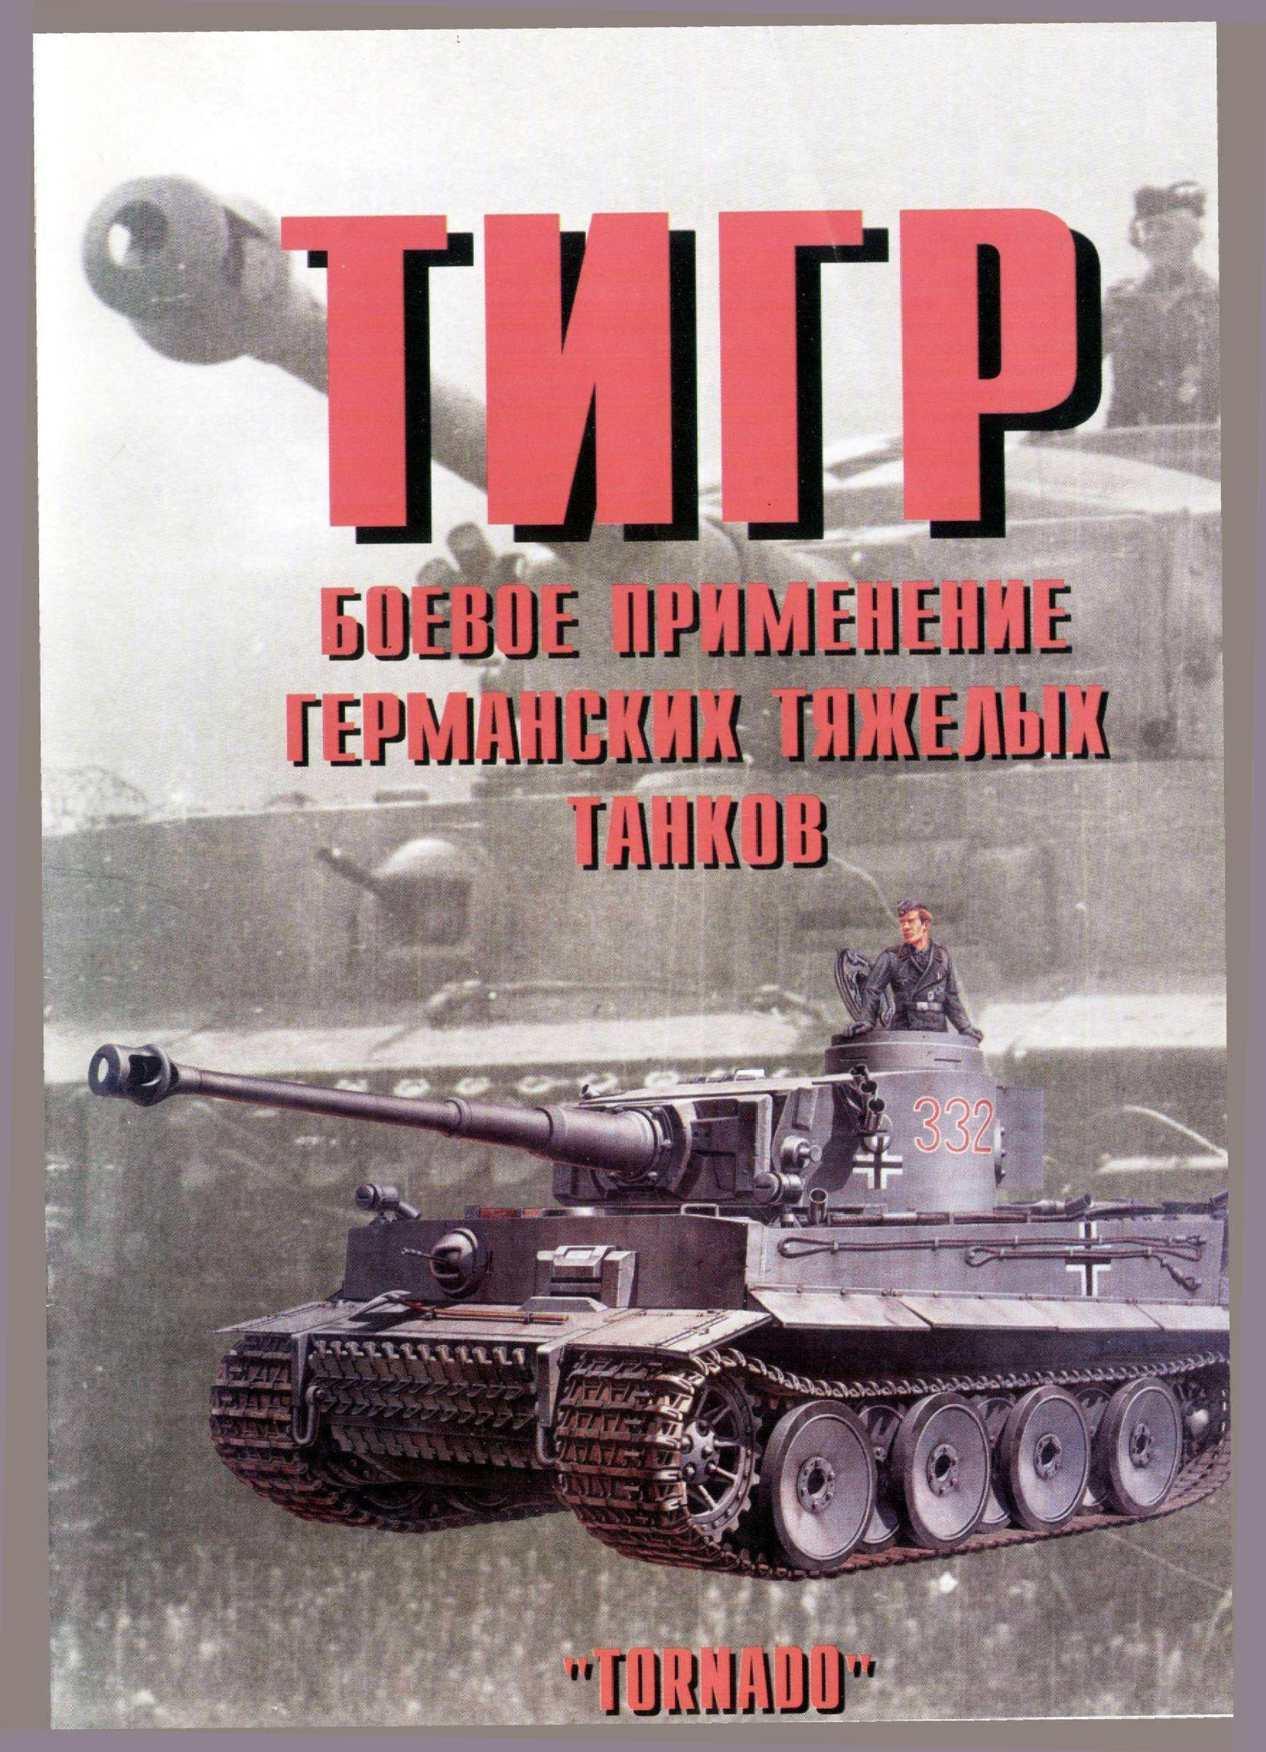 Торнадо - Армейская серия 77 - ТИГР Боевое применение германских тяжелых танков часть 1